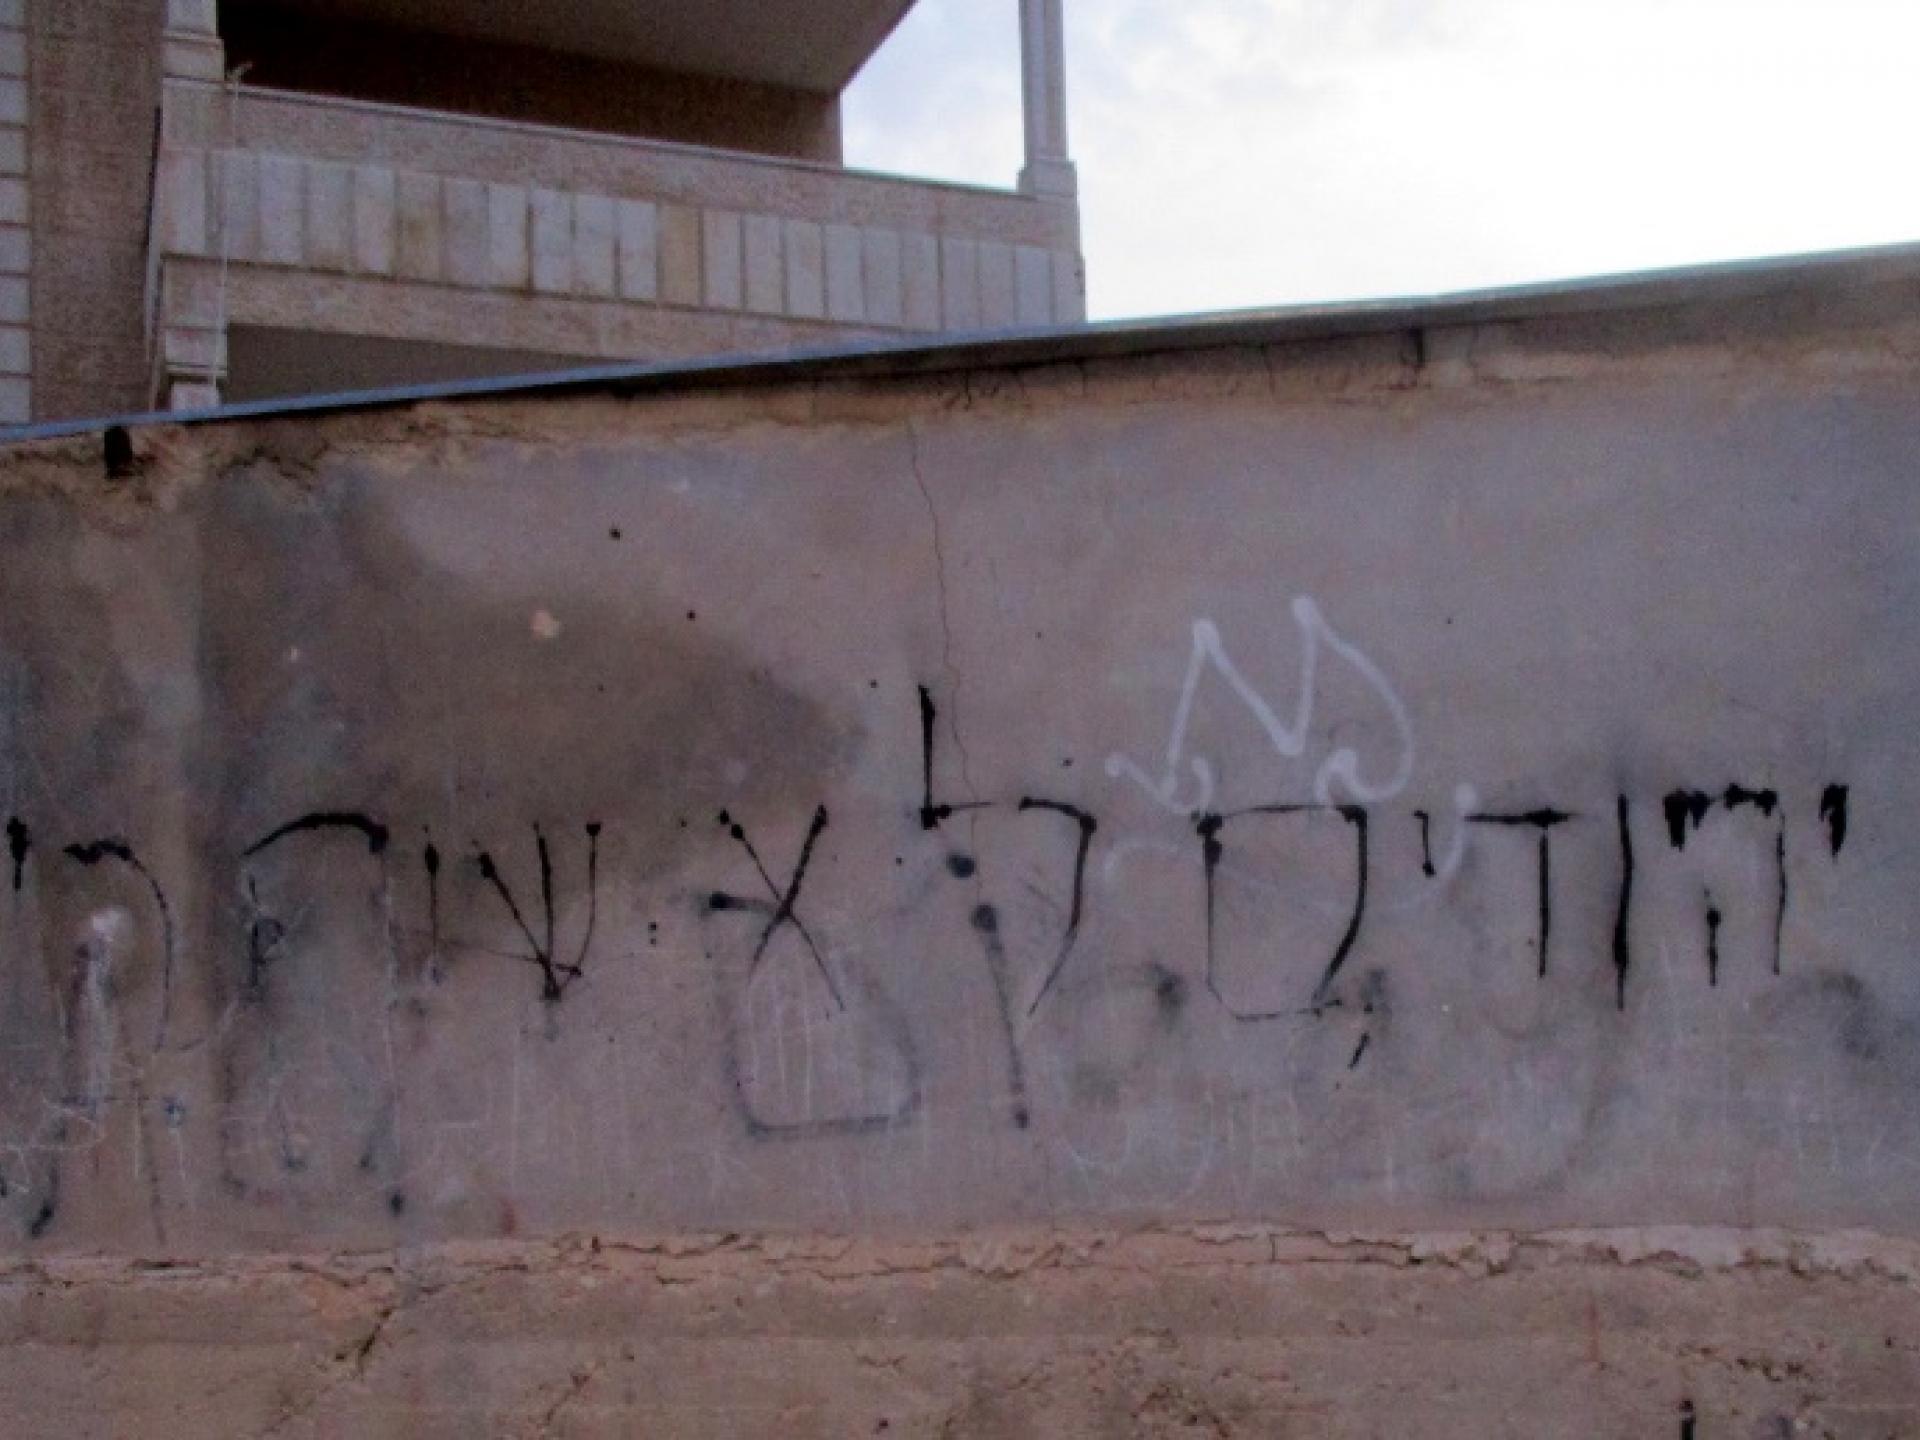 כתובת נאצה על חומה בחיזמא